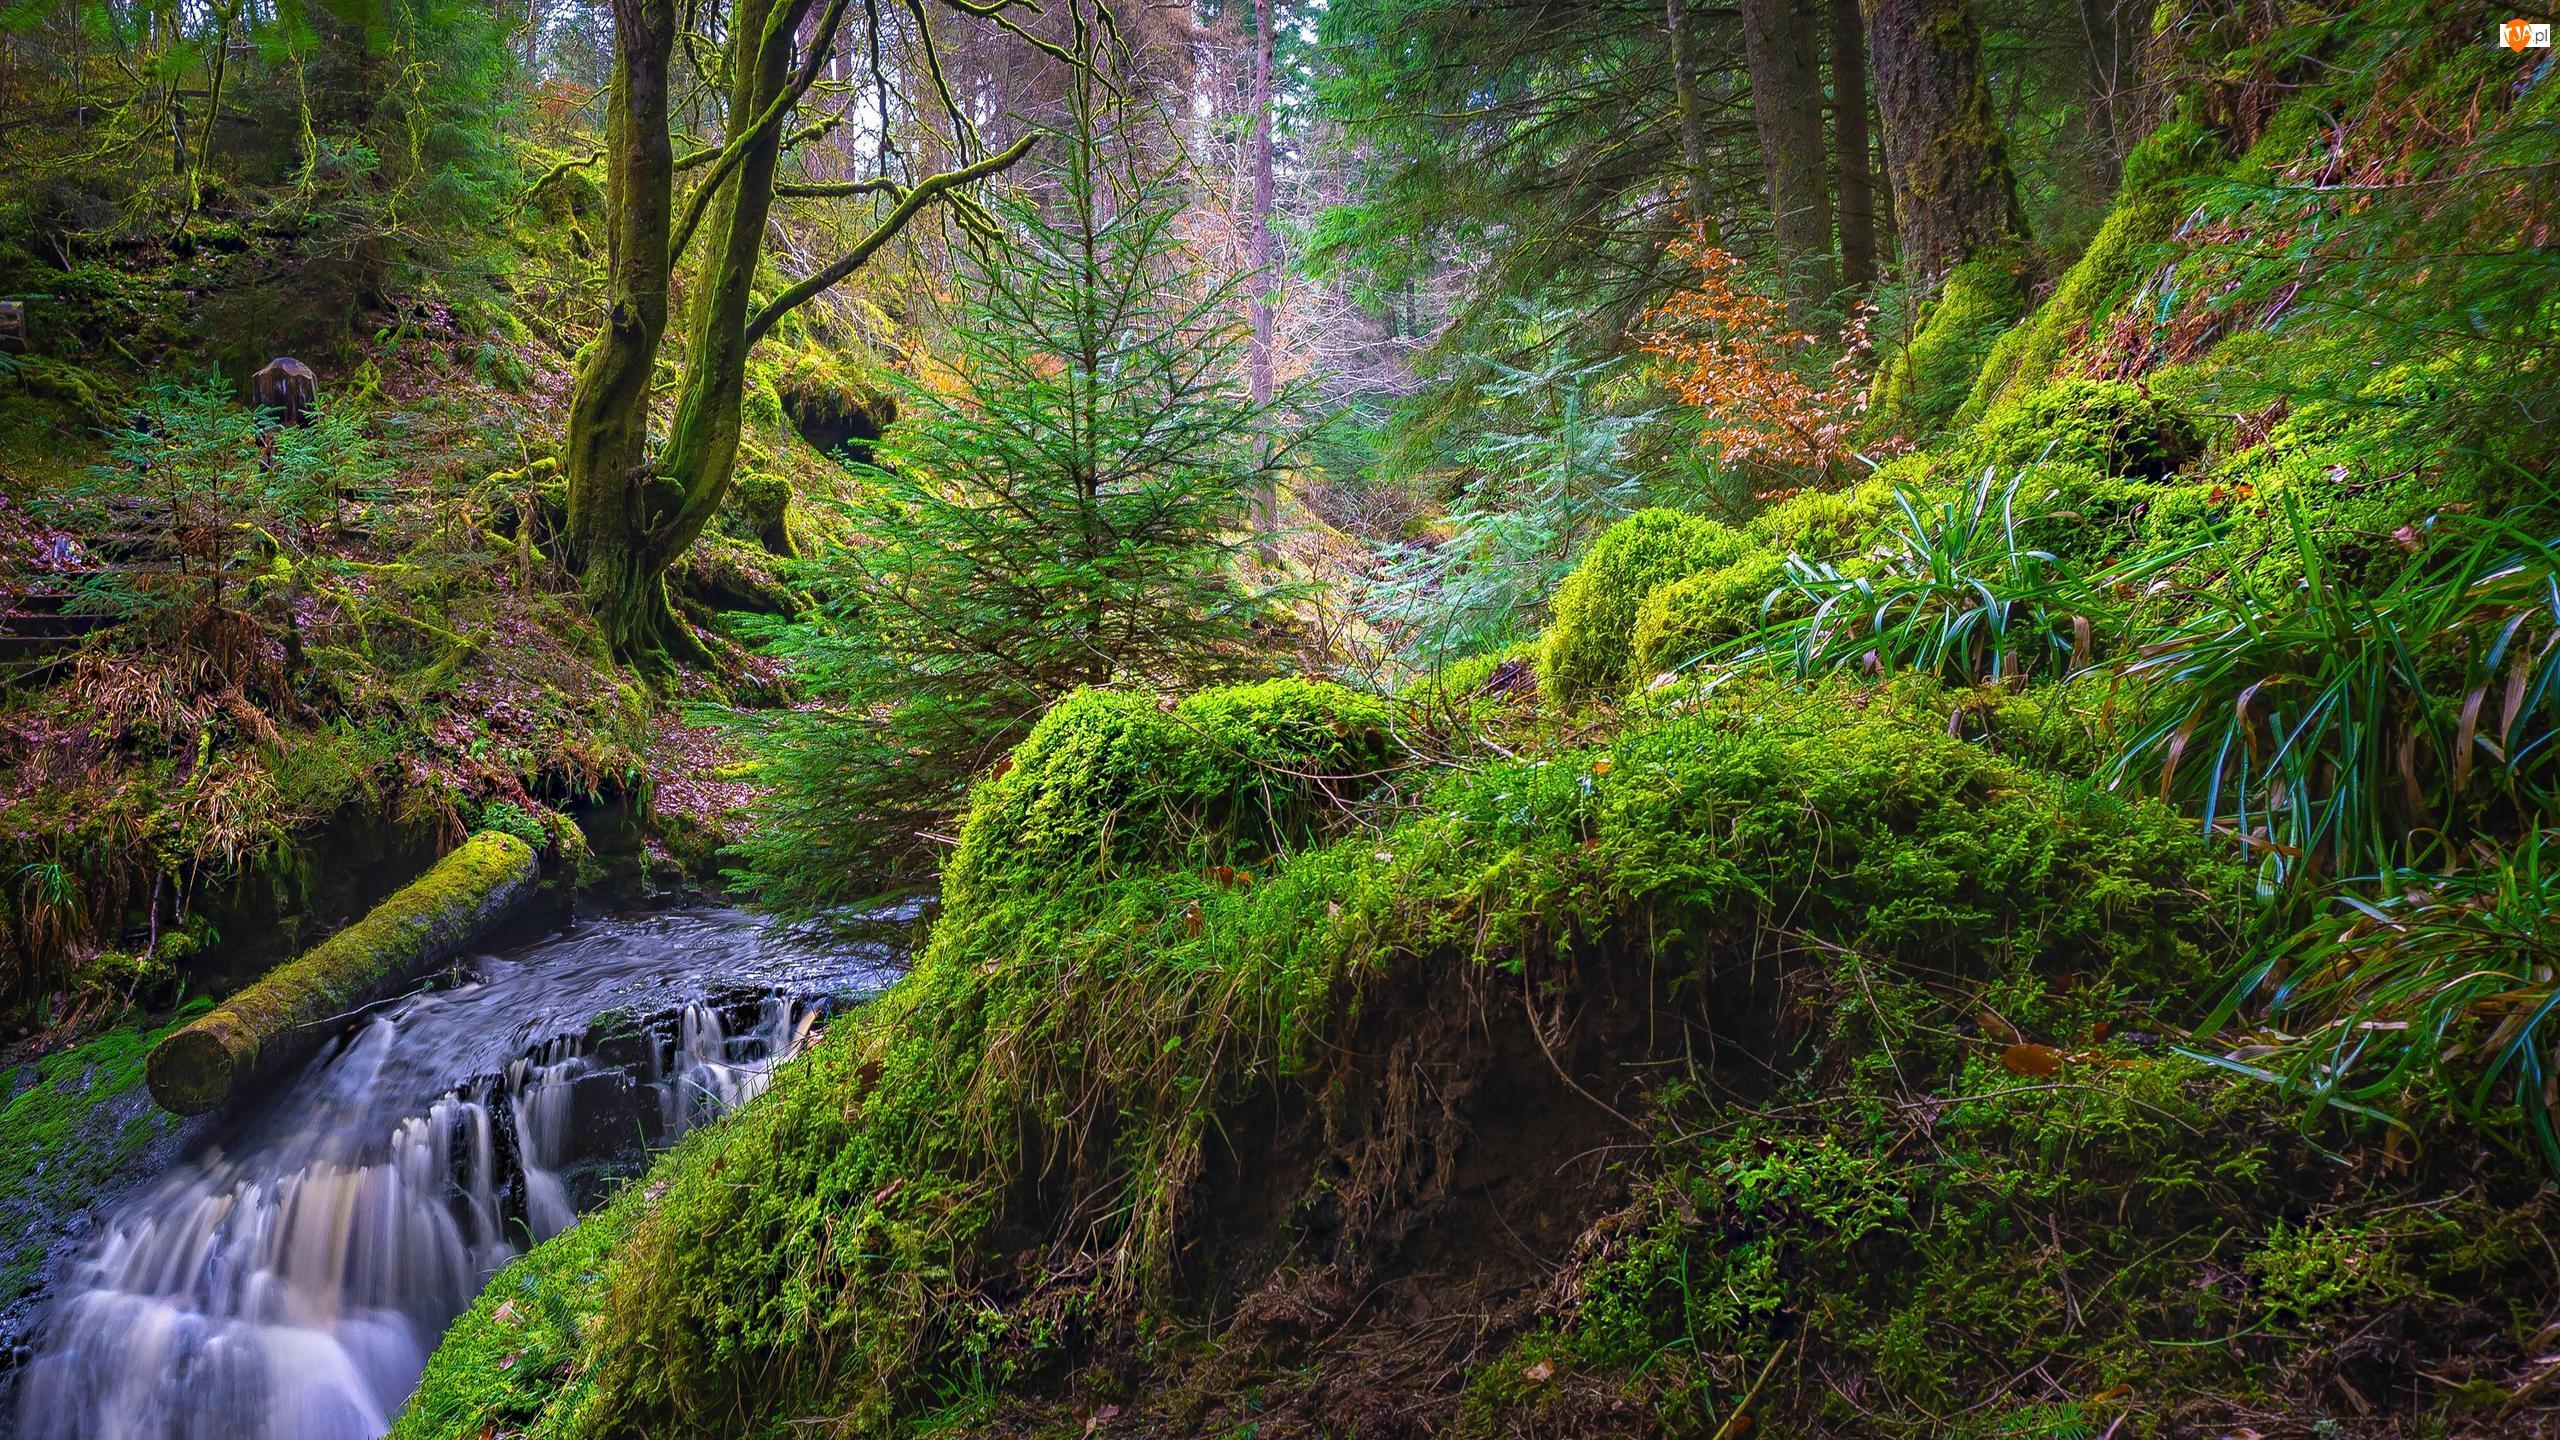 Drzewa, Rośliny, Rzeka, Las, Zielone